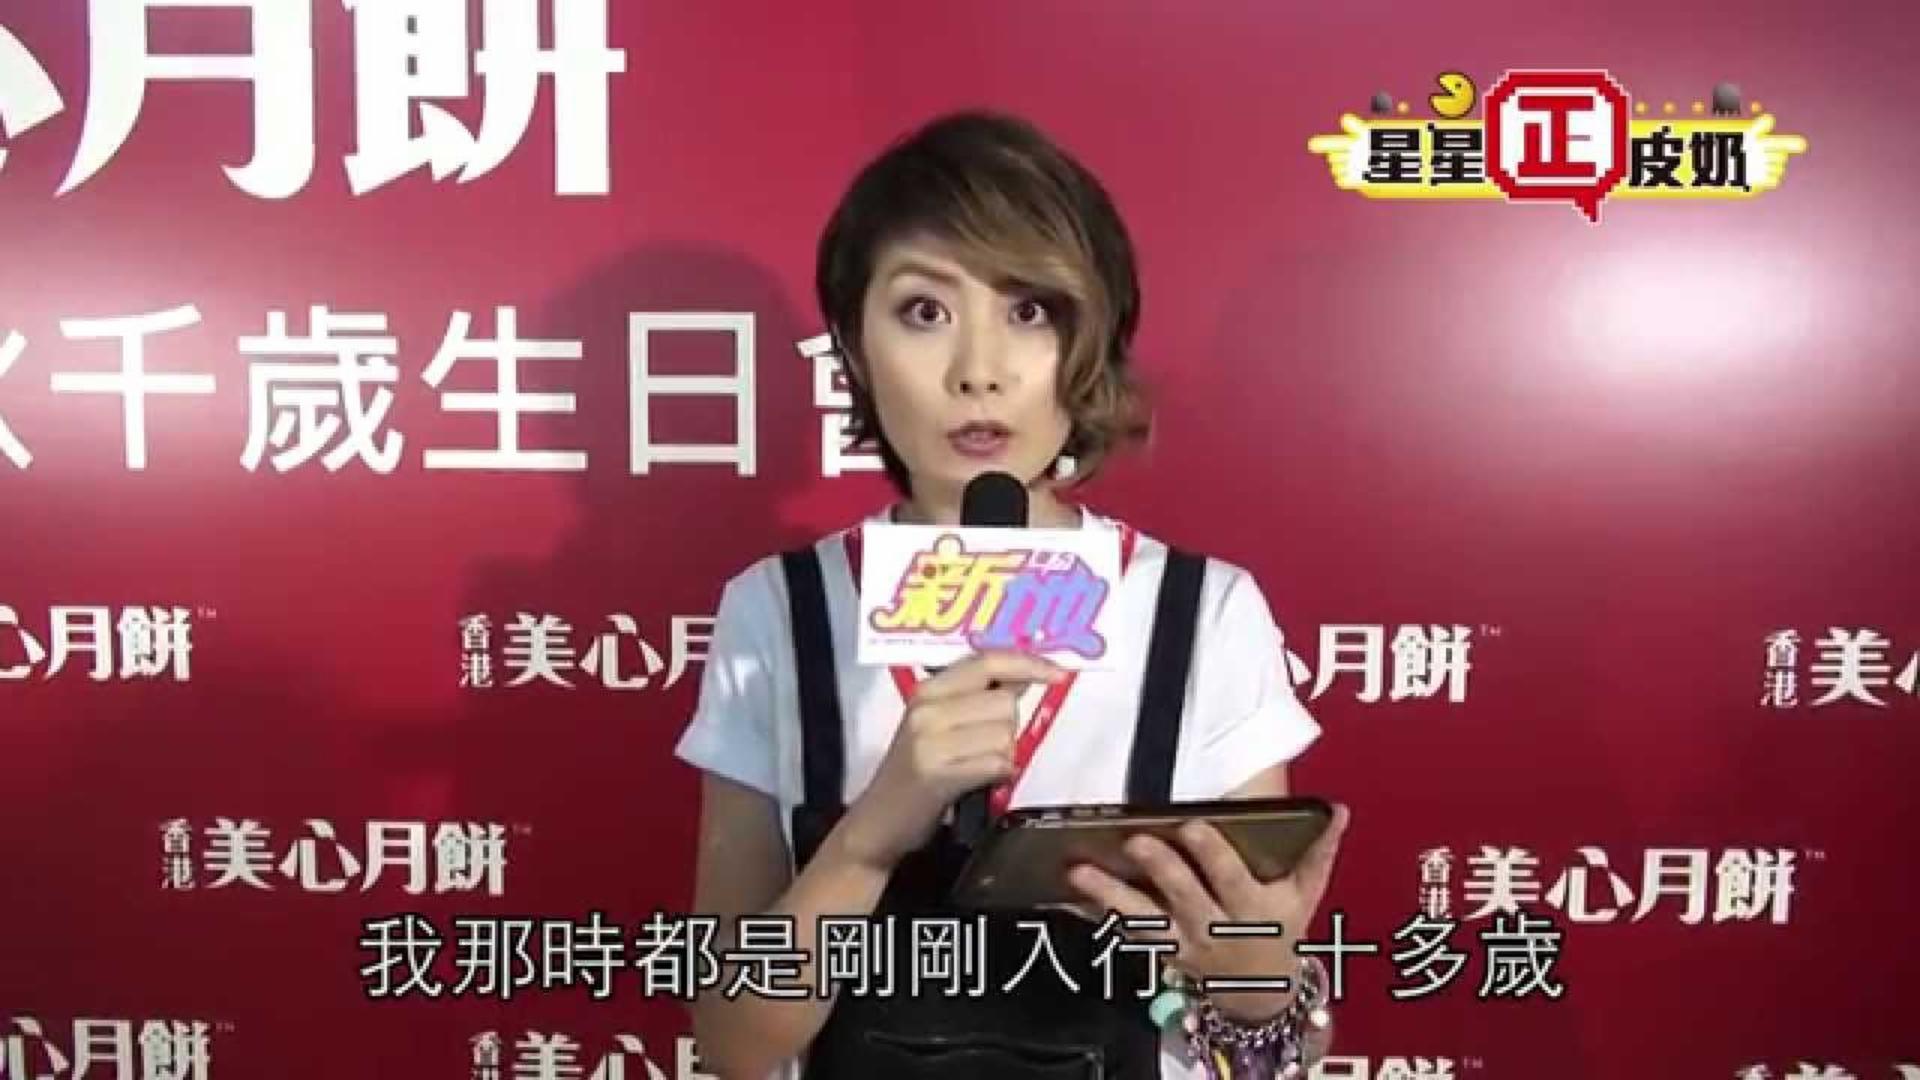 陳慧琳 見證不同年代的樂壇【星星正皮奶】|東方新地